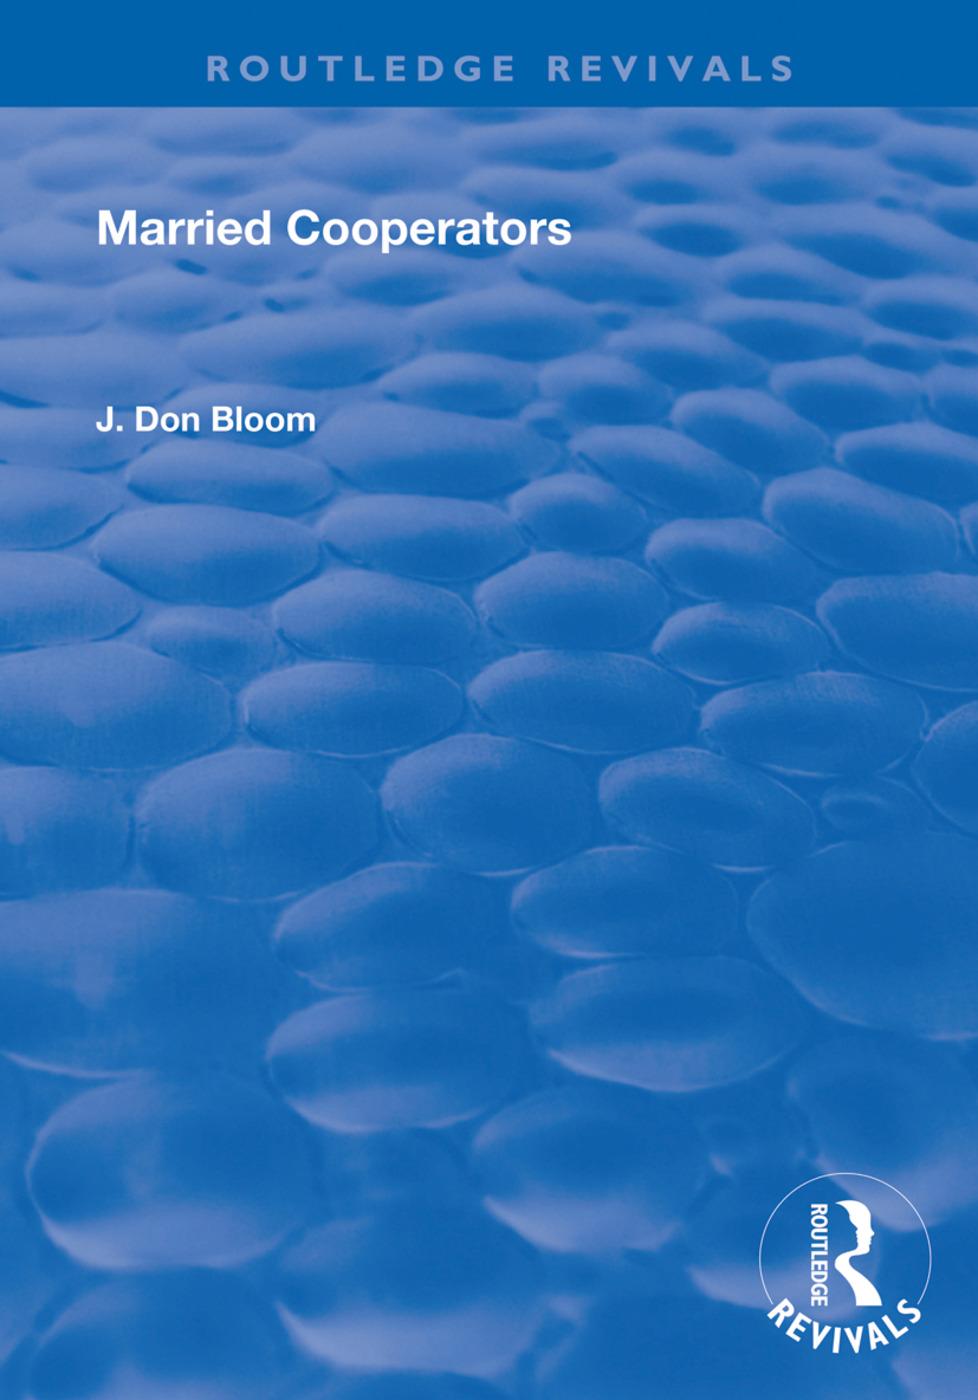 Married Cooperators